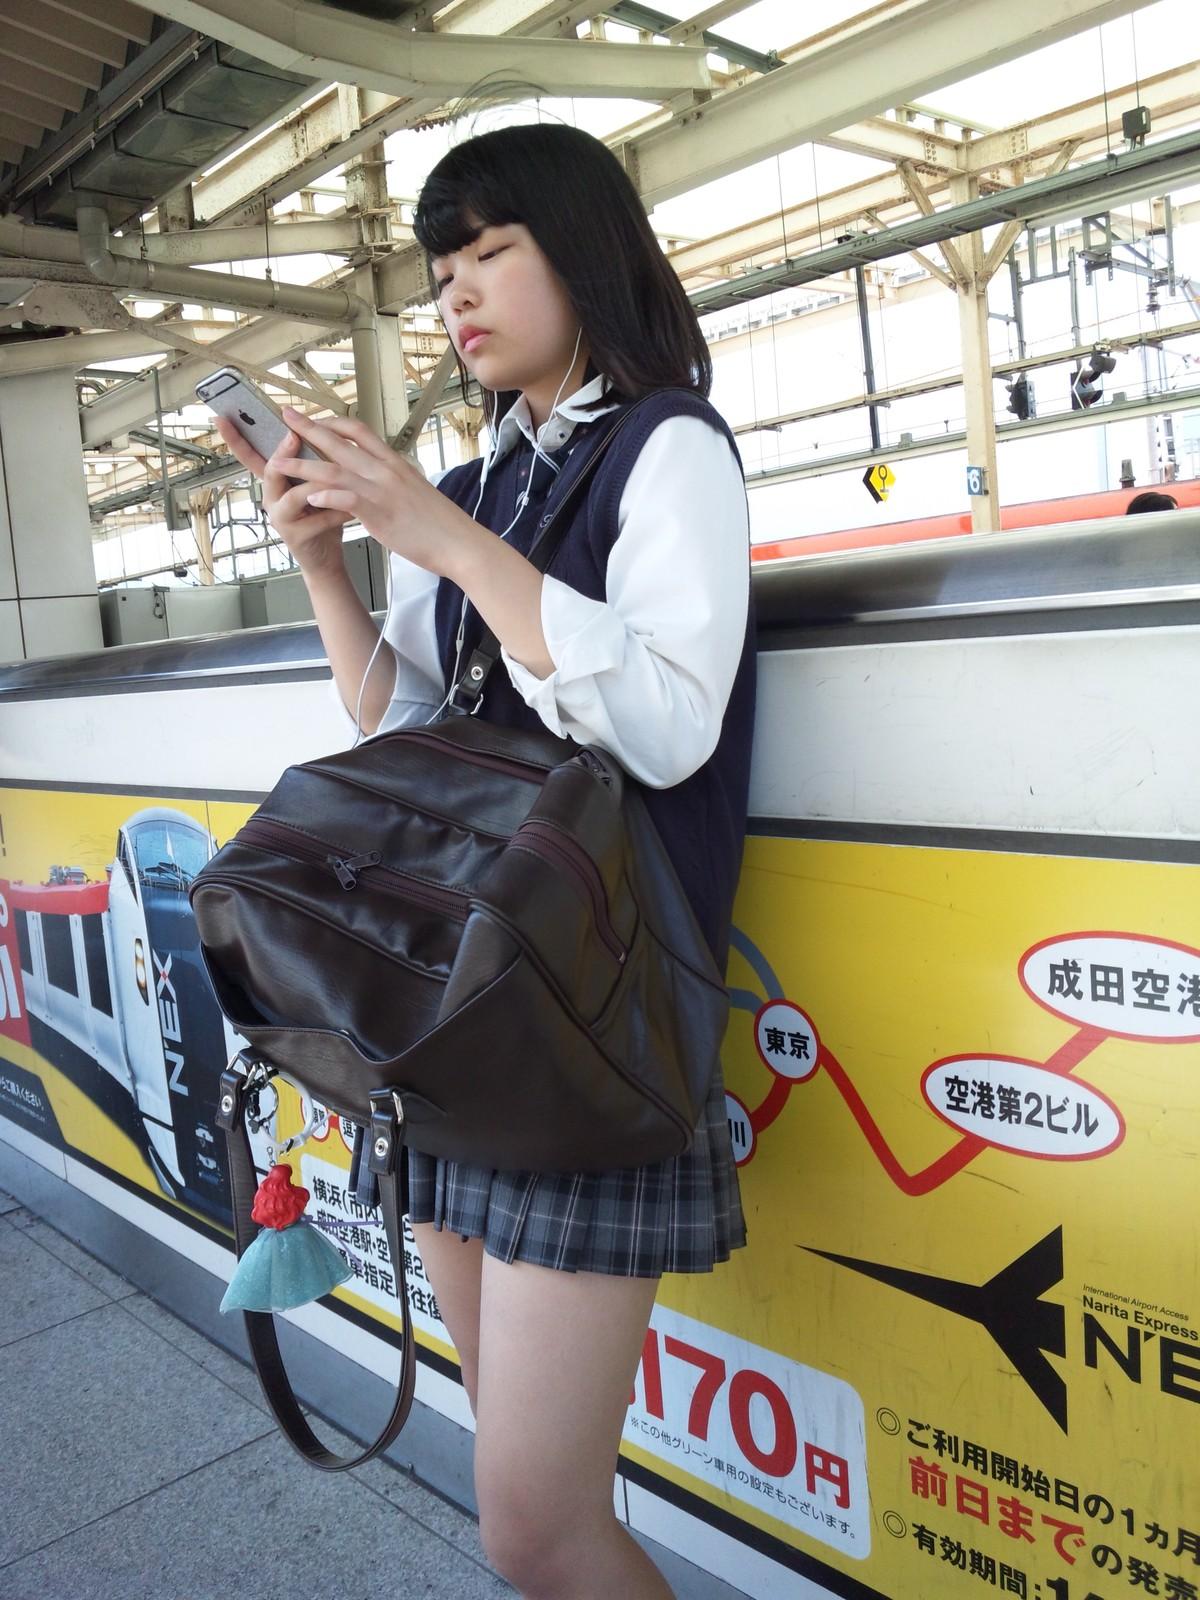 同じ女子高生をバレずに執拗に数枚撮り続けるwwwwwwwww MH6JCpj